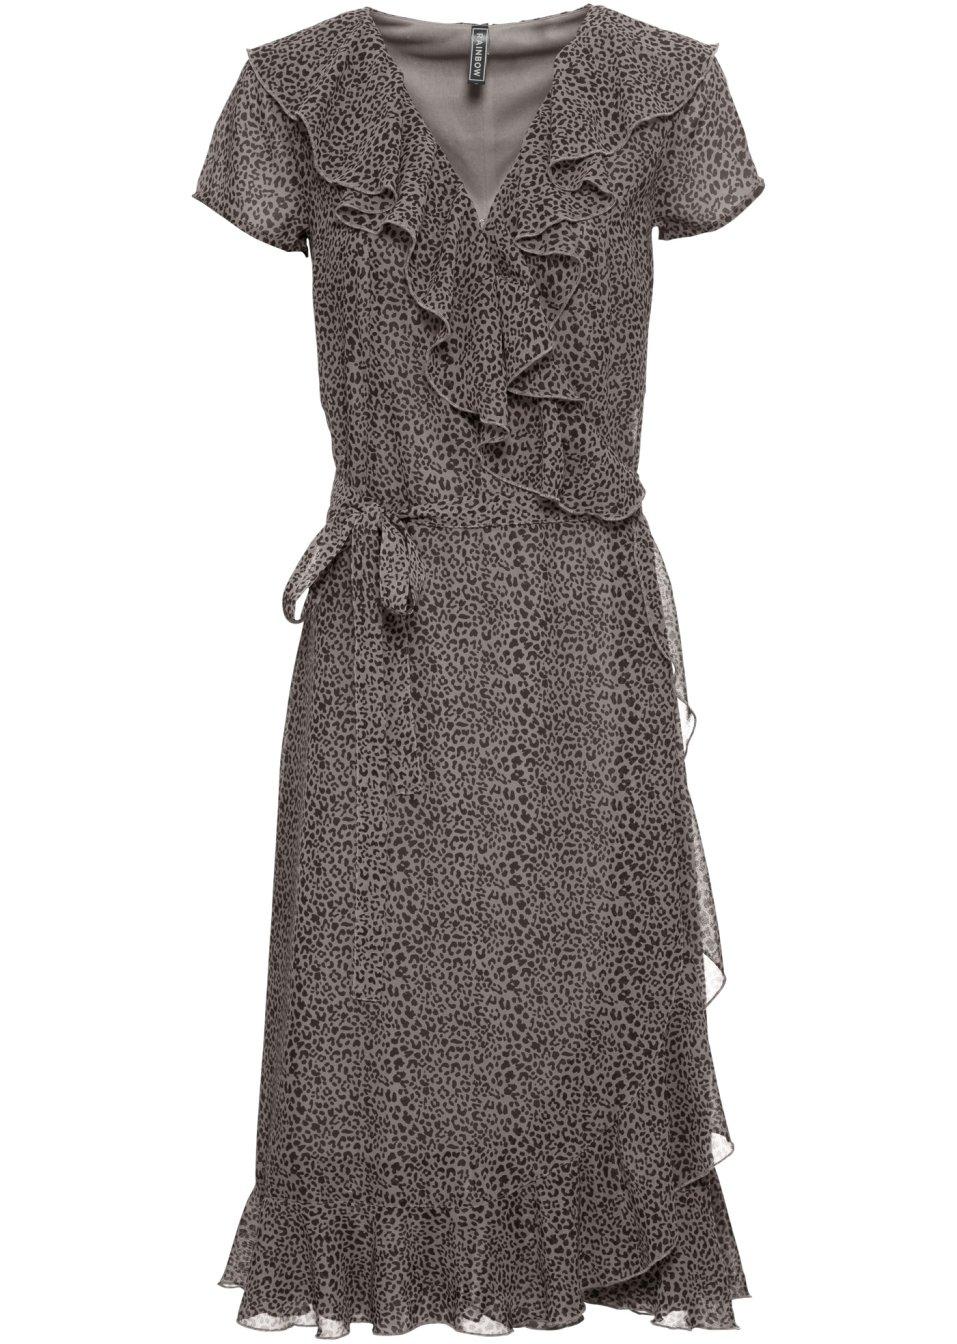 Verspieltes Kleid mit Volants - taupe leo bedruckt z3IN2 9FJll